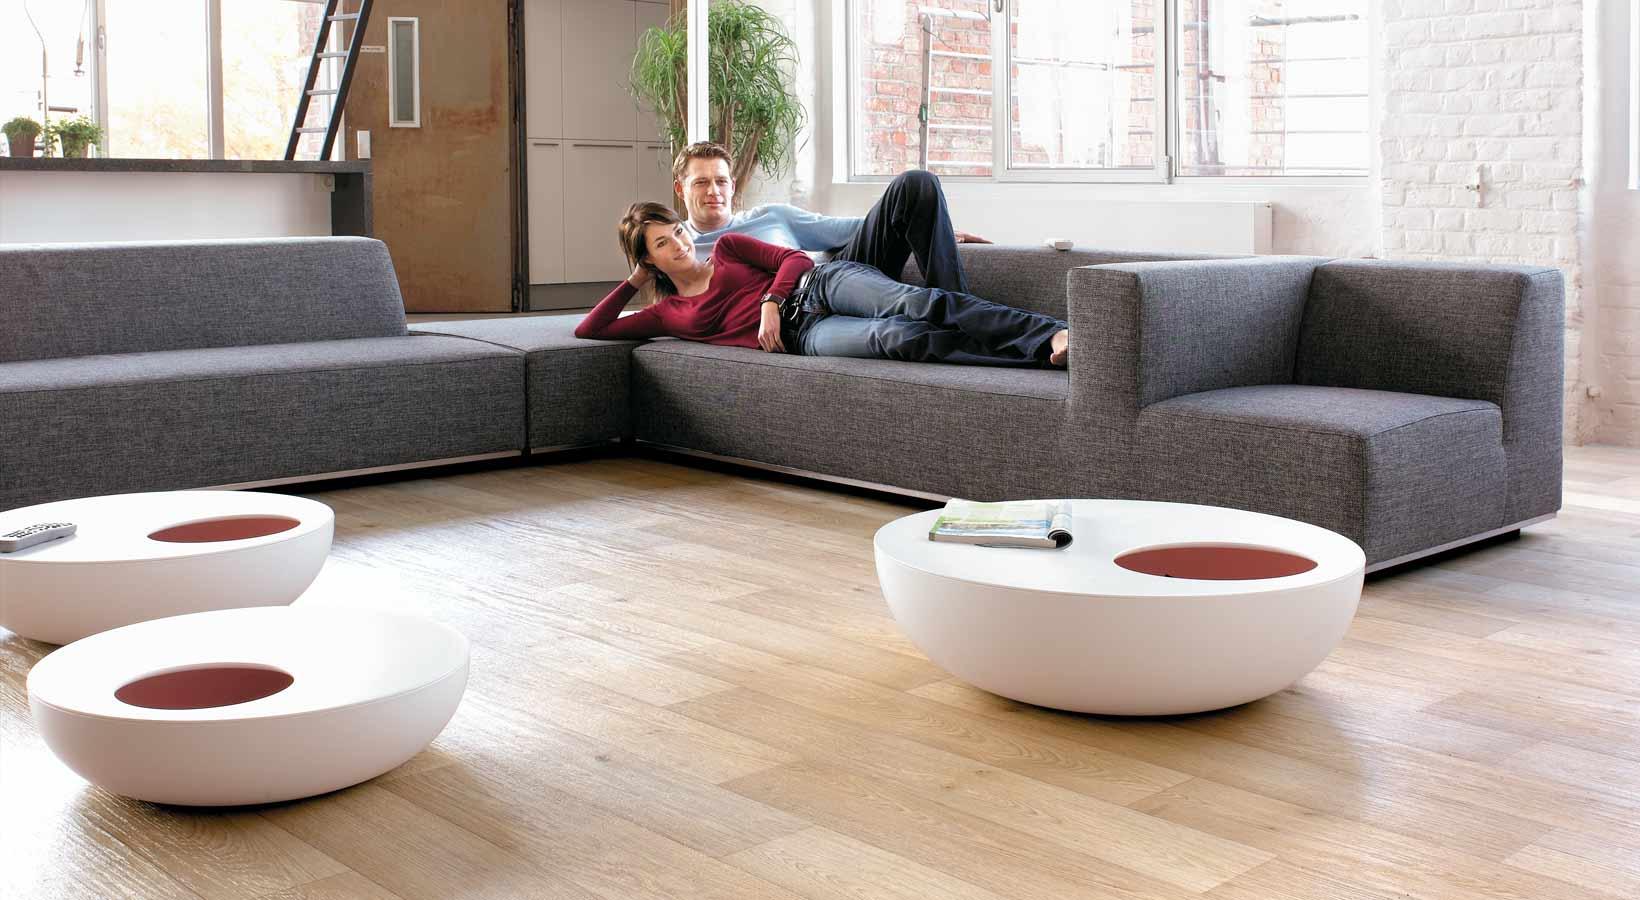 Паркет должен подходить по дизайну к остальной мебели